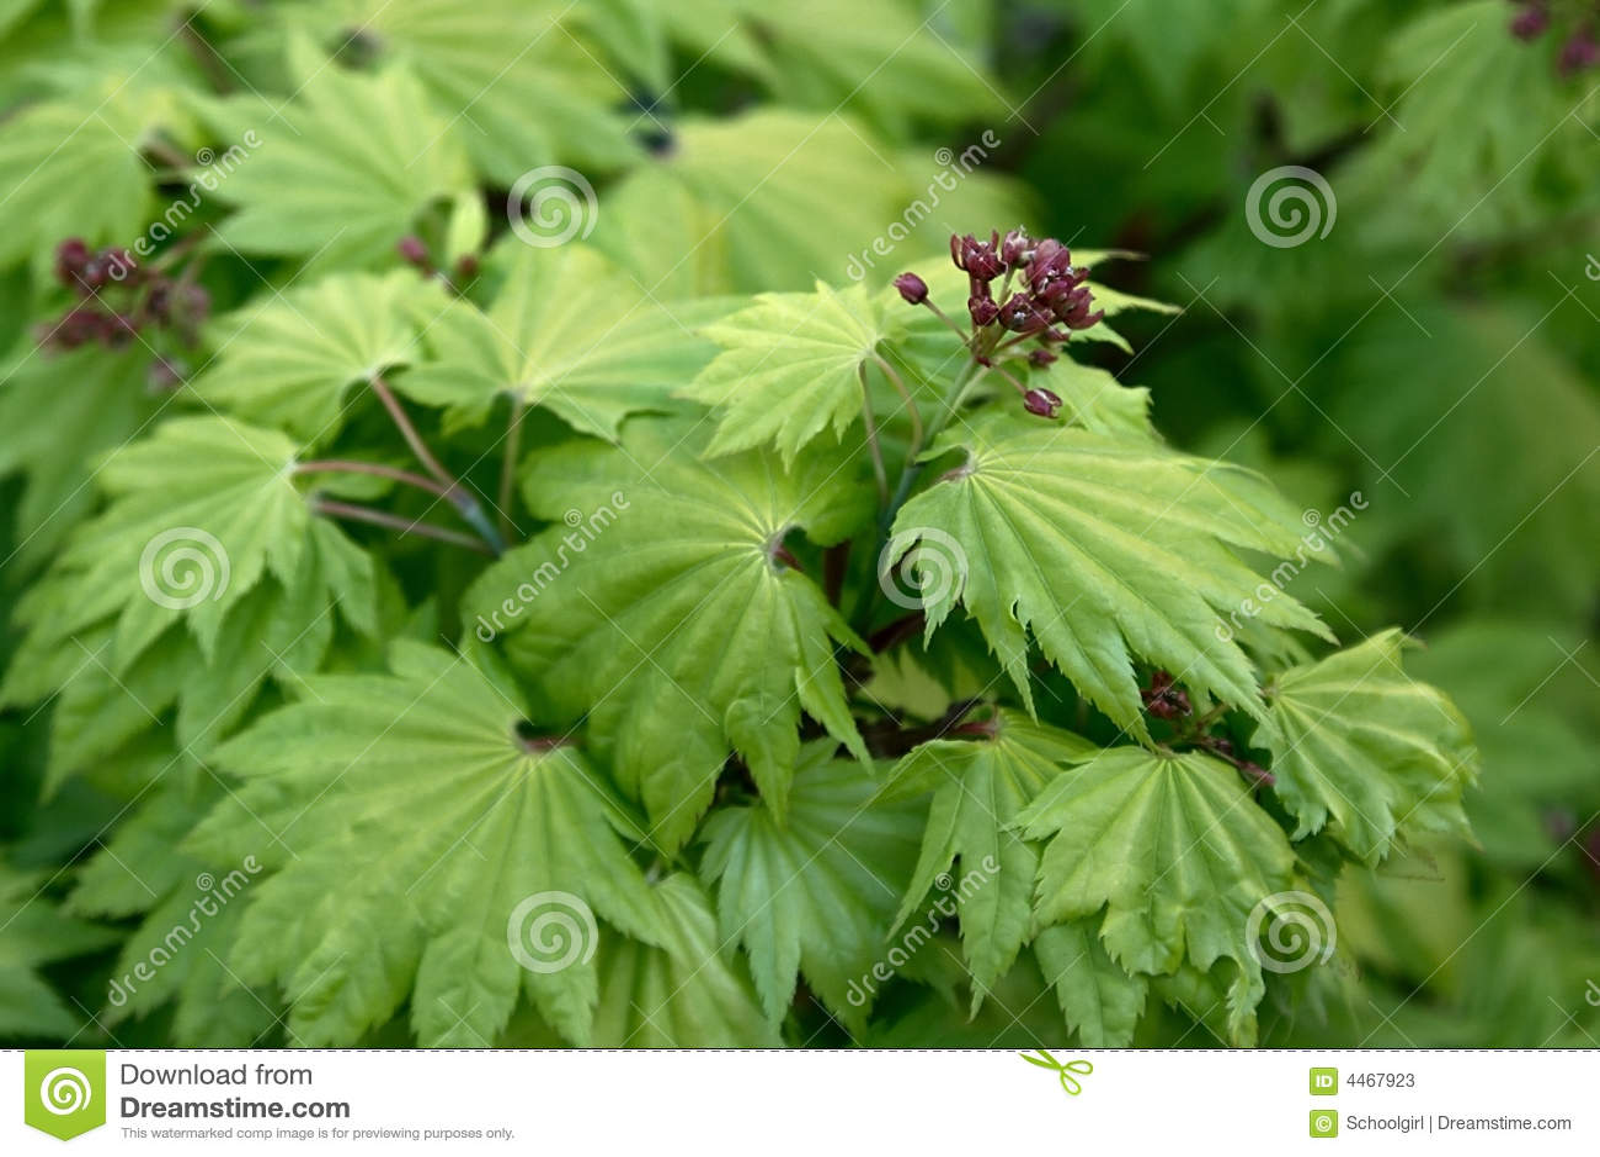 Japanese Maple Acer Shirasawanum Aureum Stock Image Image Of